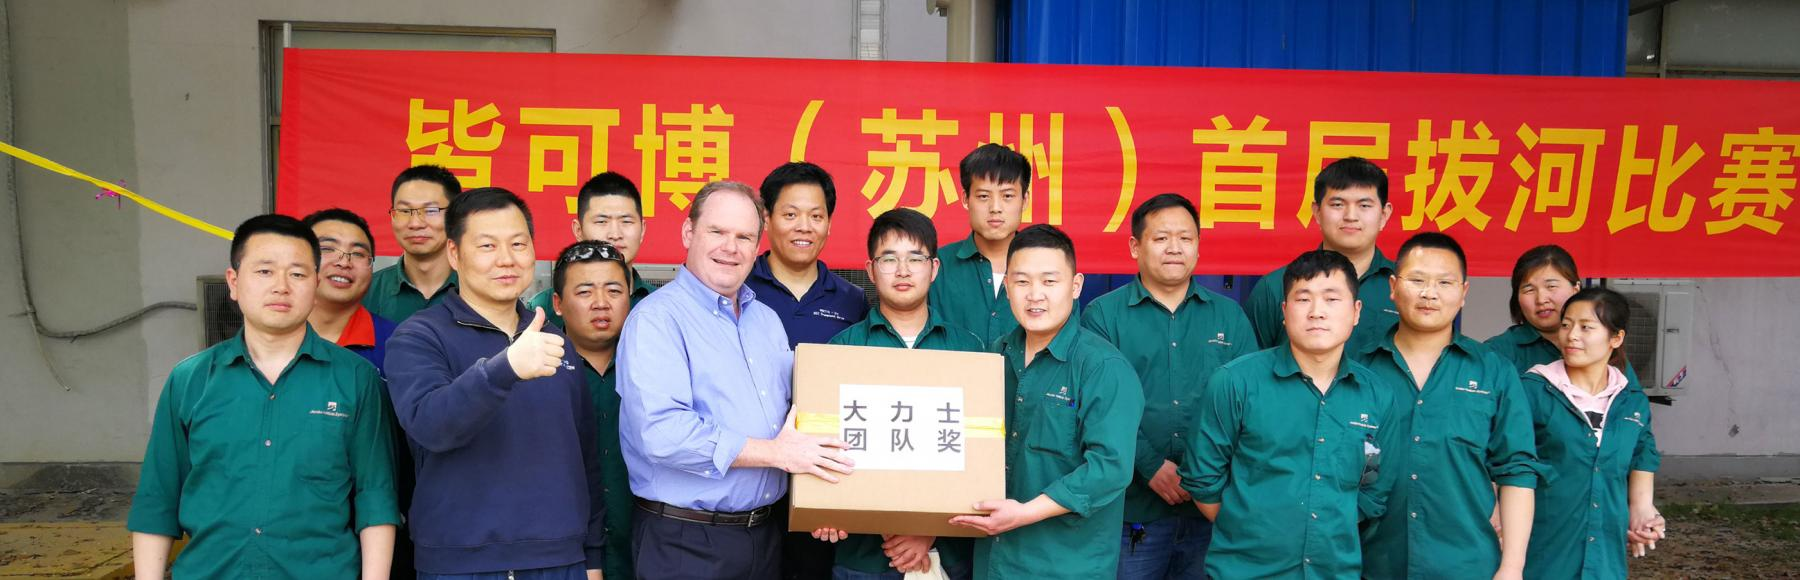 Jacobs Suzhou feiert 10 Jahre Bestehen